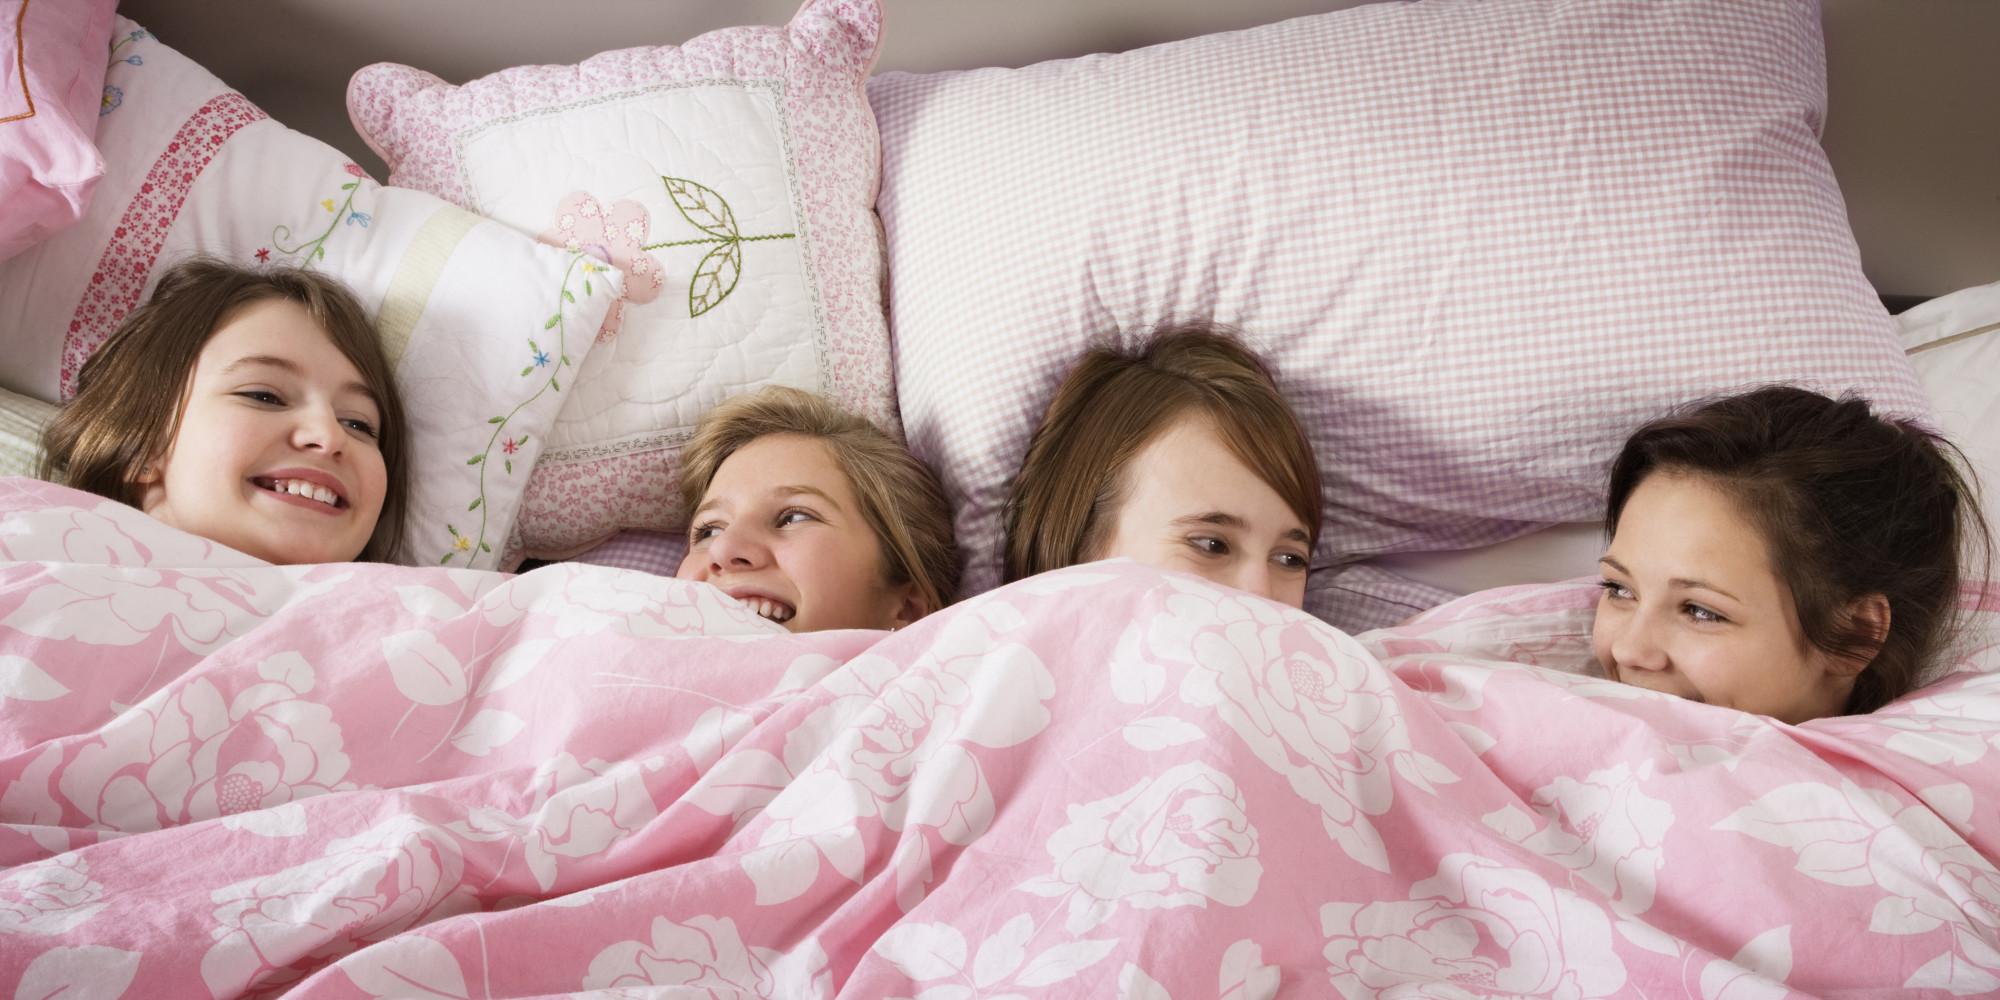 Apologise, but, hostname teen sleep com is piece